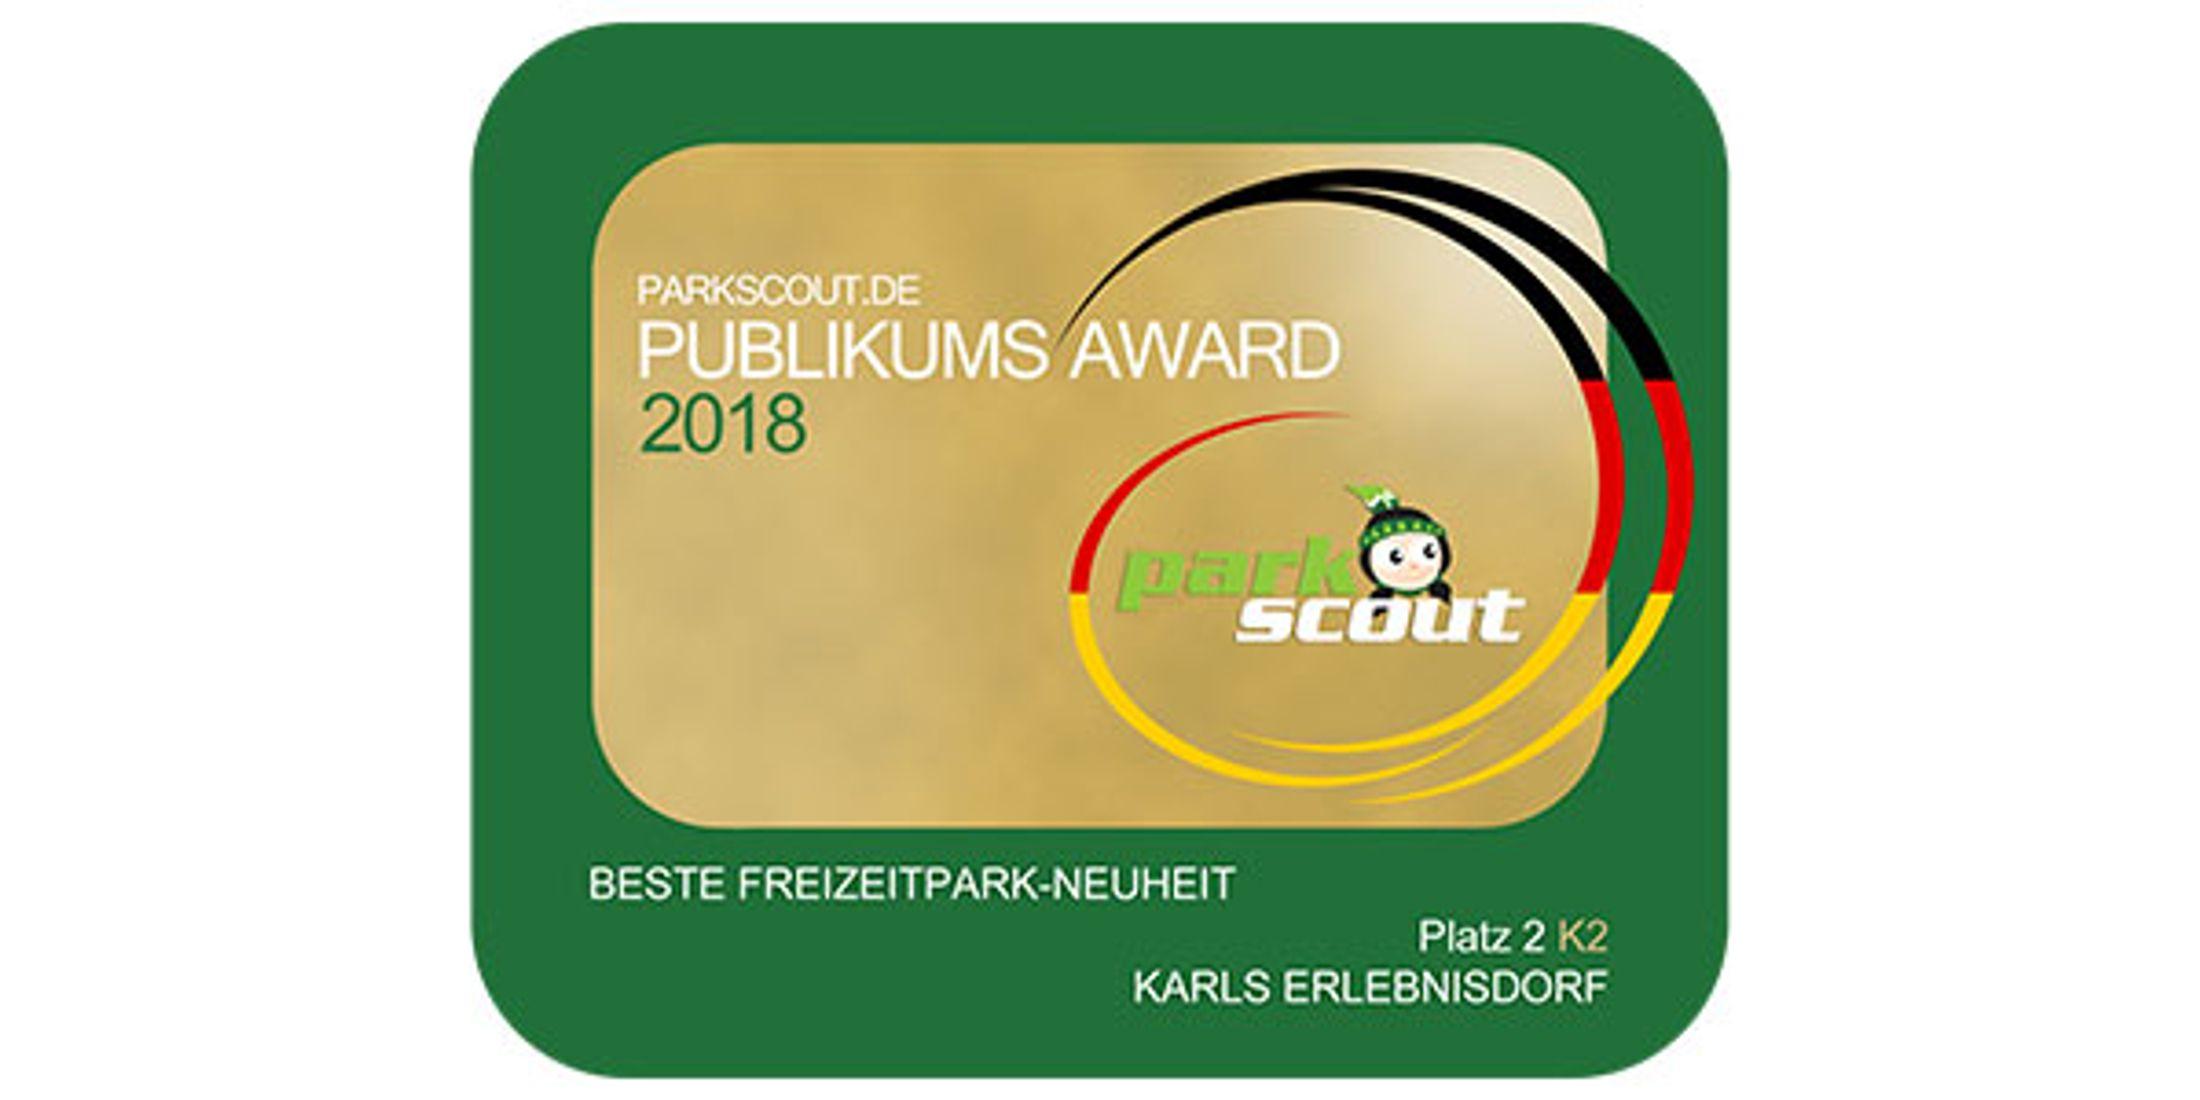 parkscout2018_besteneuheit_k2.jpg